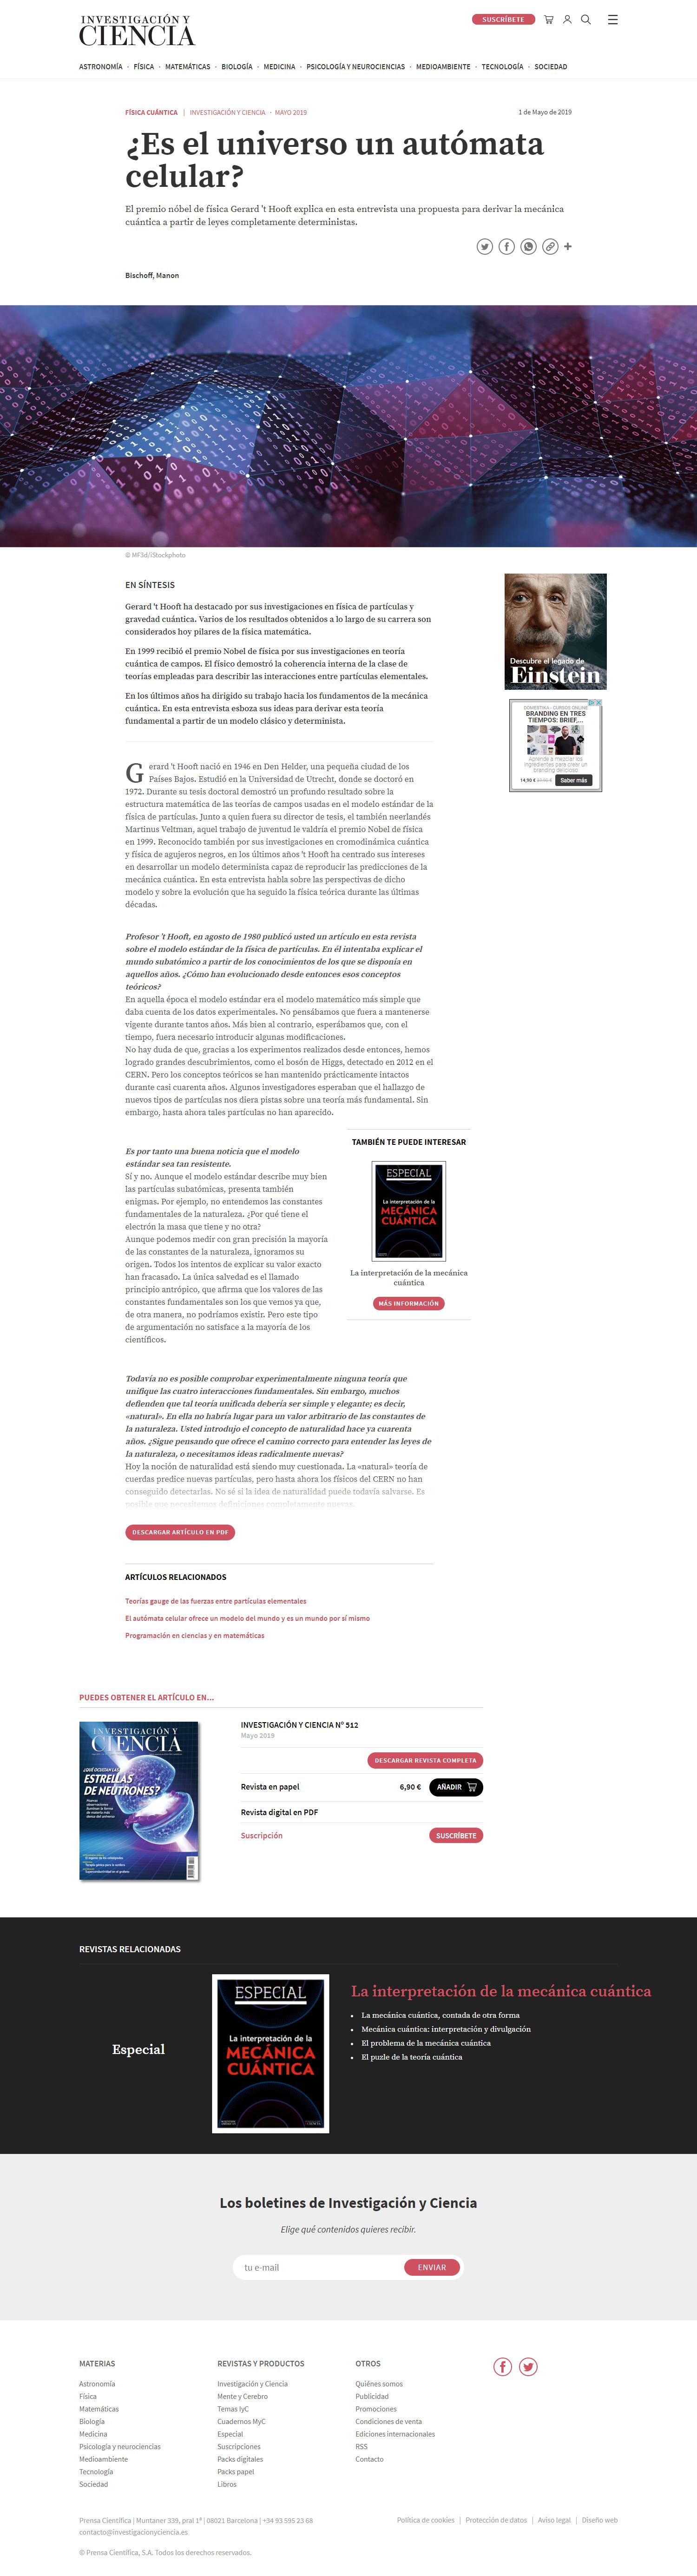 Investigación y ciencia. Noticia1